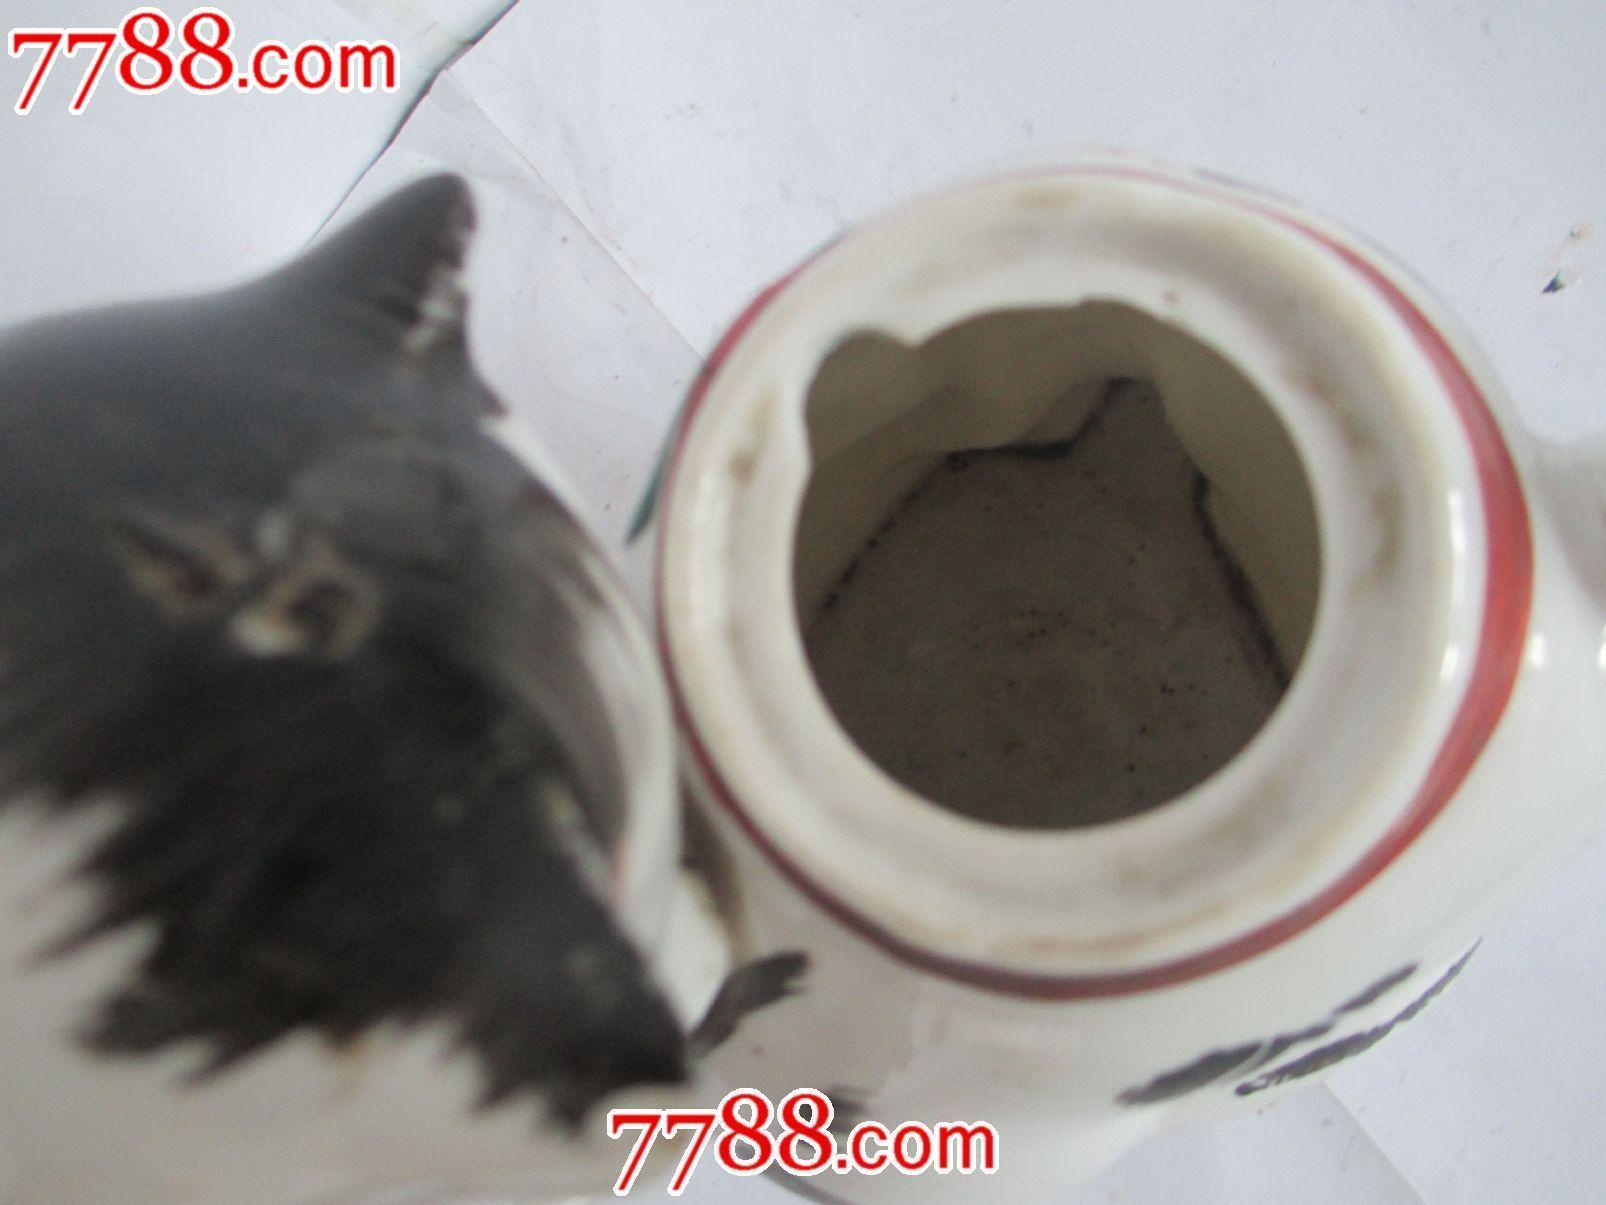 手绘招财猫茶壶-价格:176元-se25140923-单色白瓷